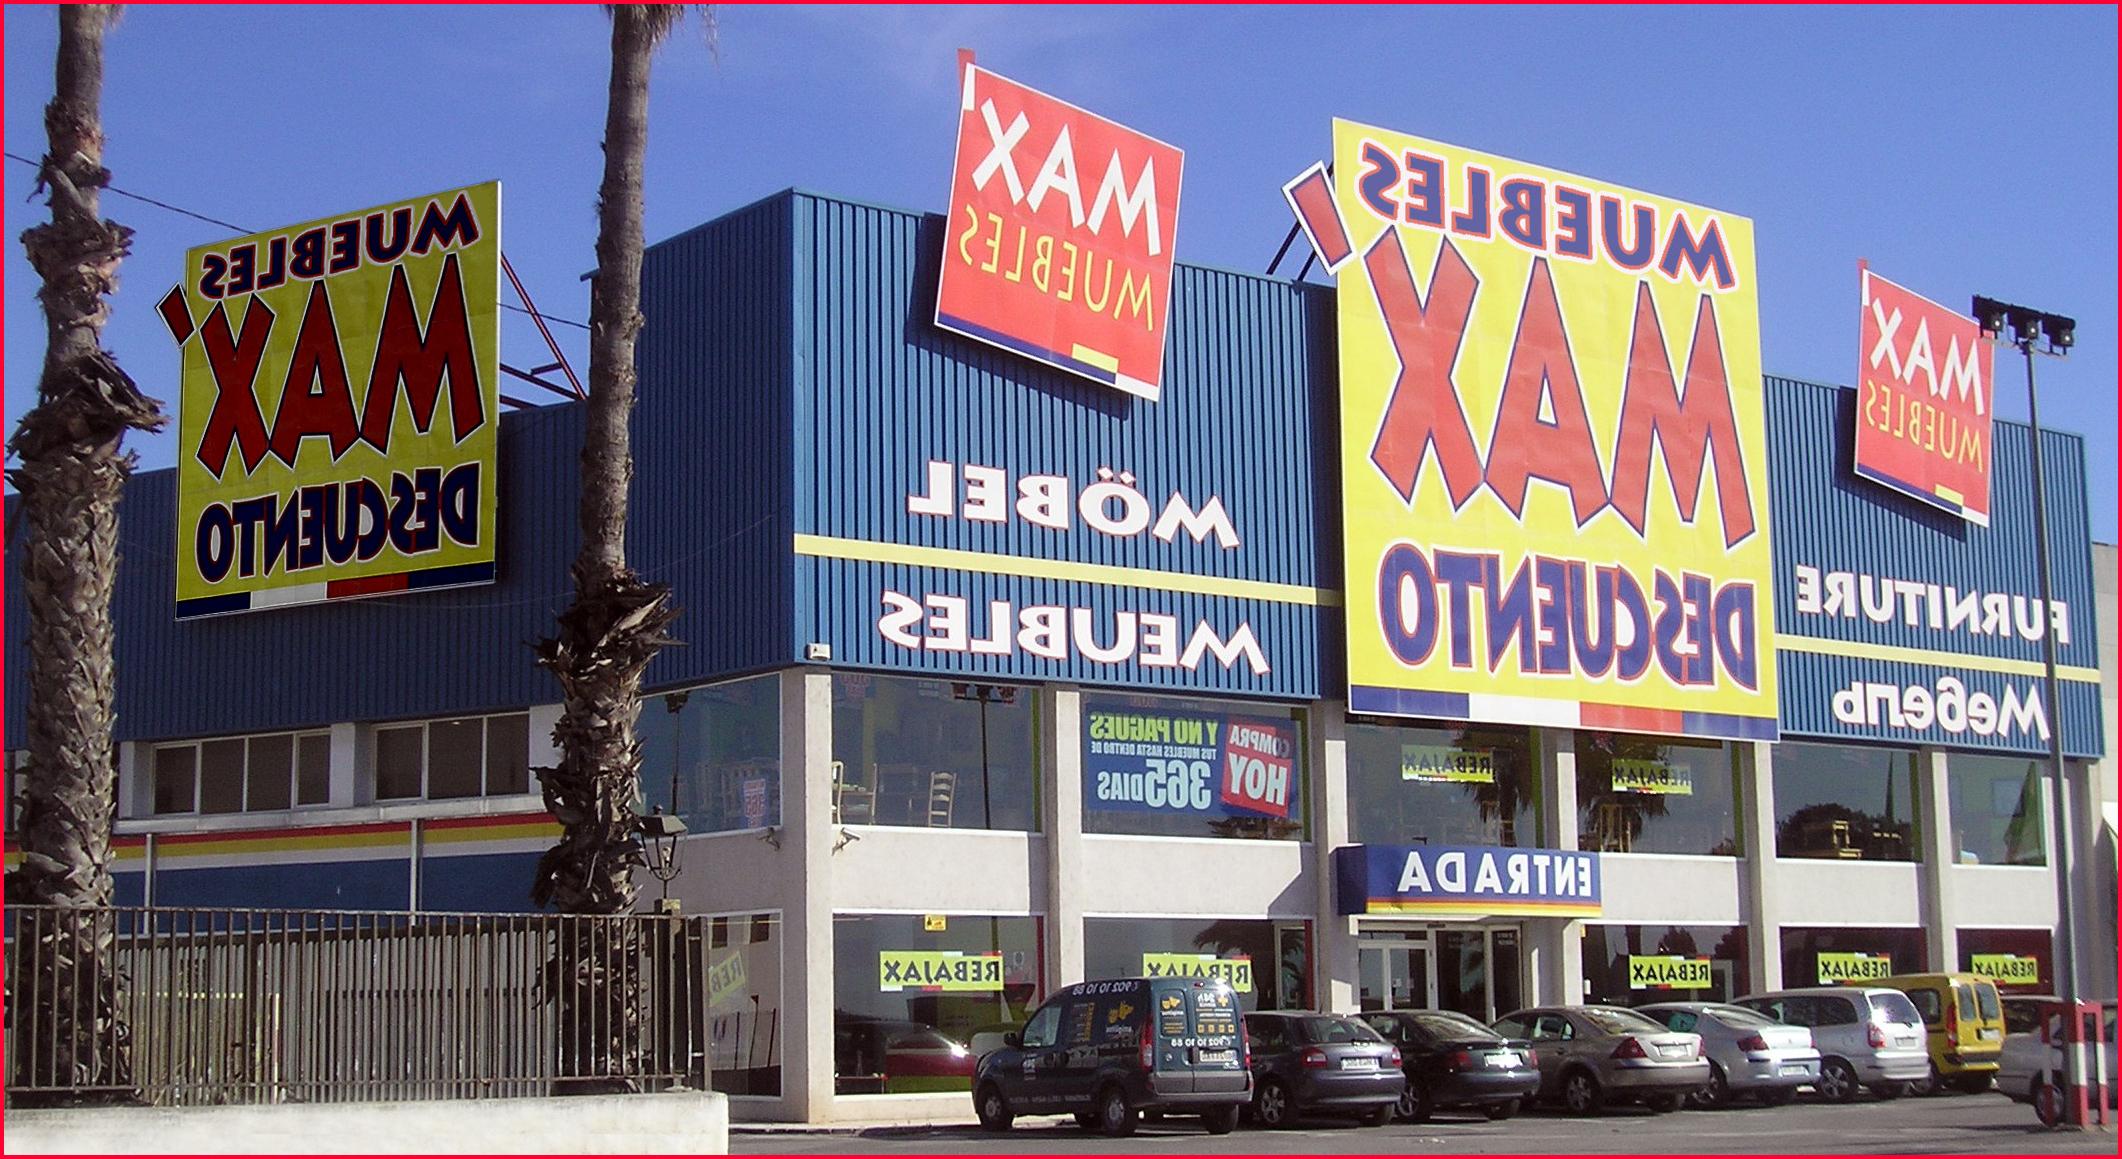 Tiendas Muebles Alicante U3dh Tiendas Muebles Alicante Tienda De Muebles Alicante Muebles